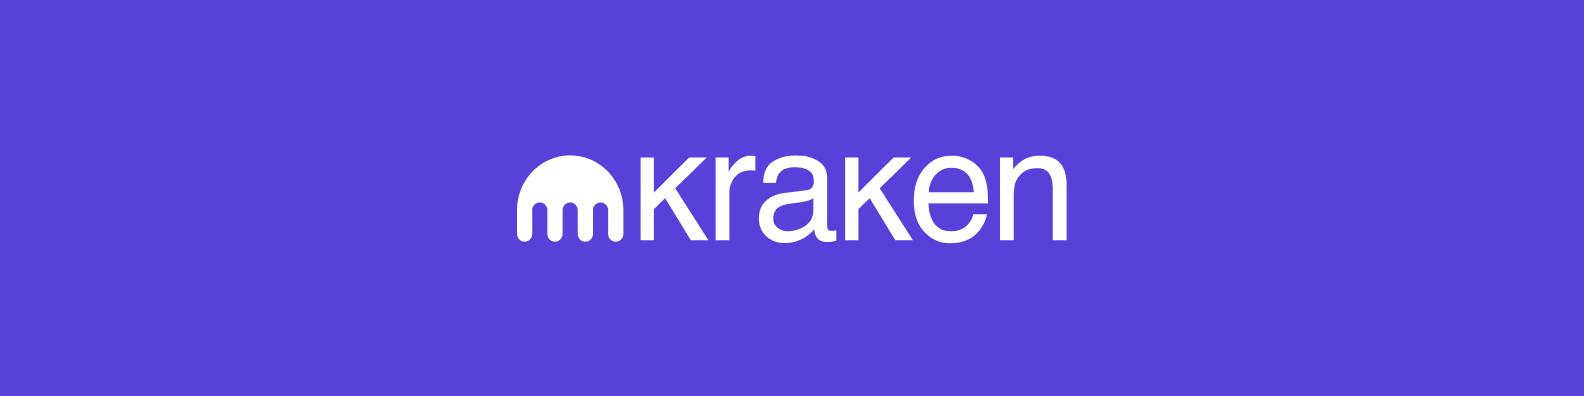 Криптобиржа Kraken представила своим клиентам возможность форекс-торговли